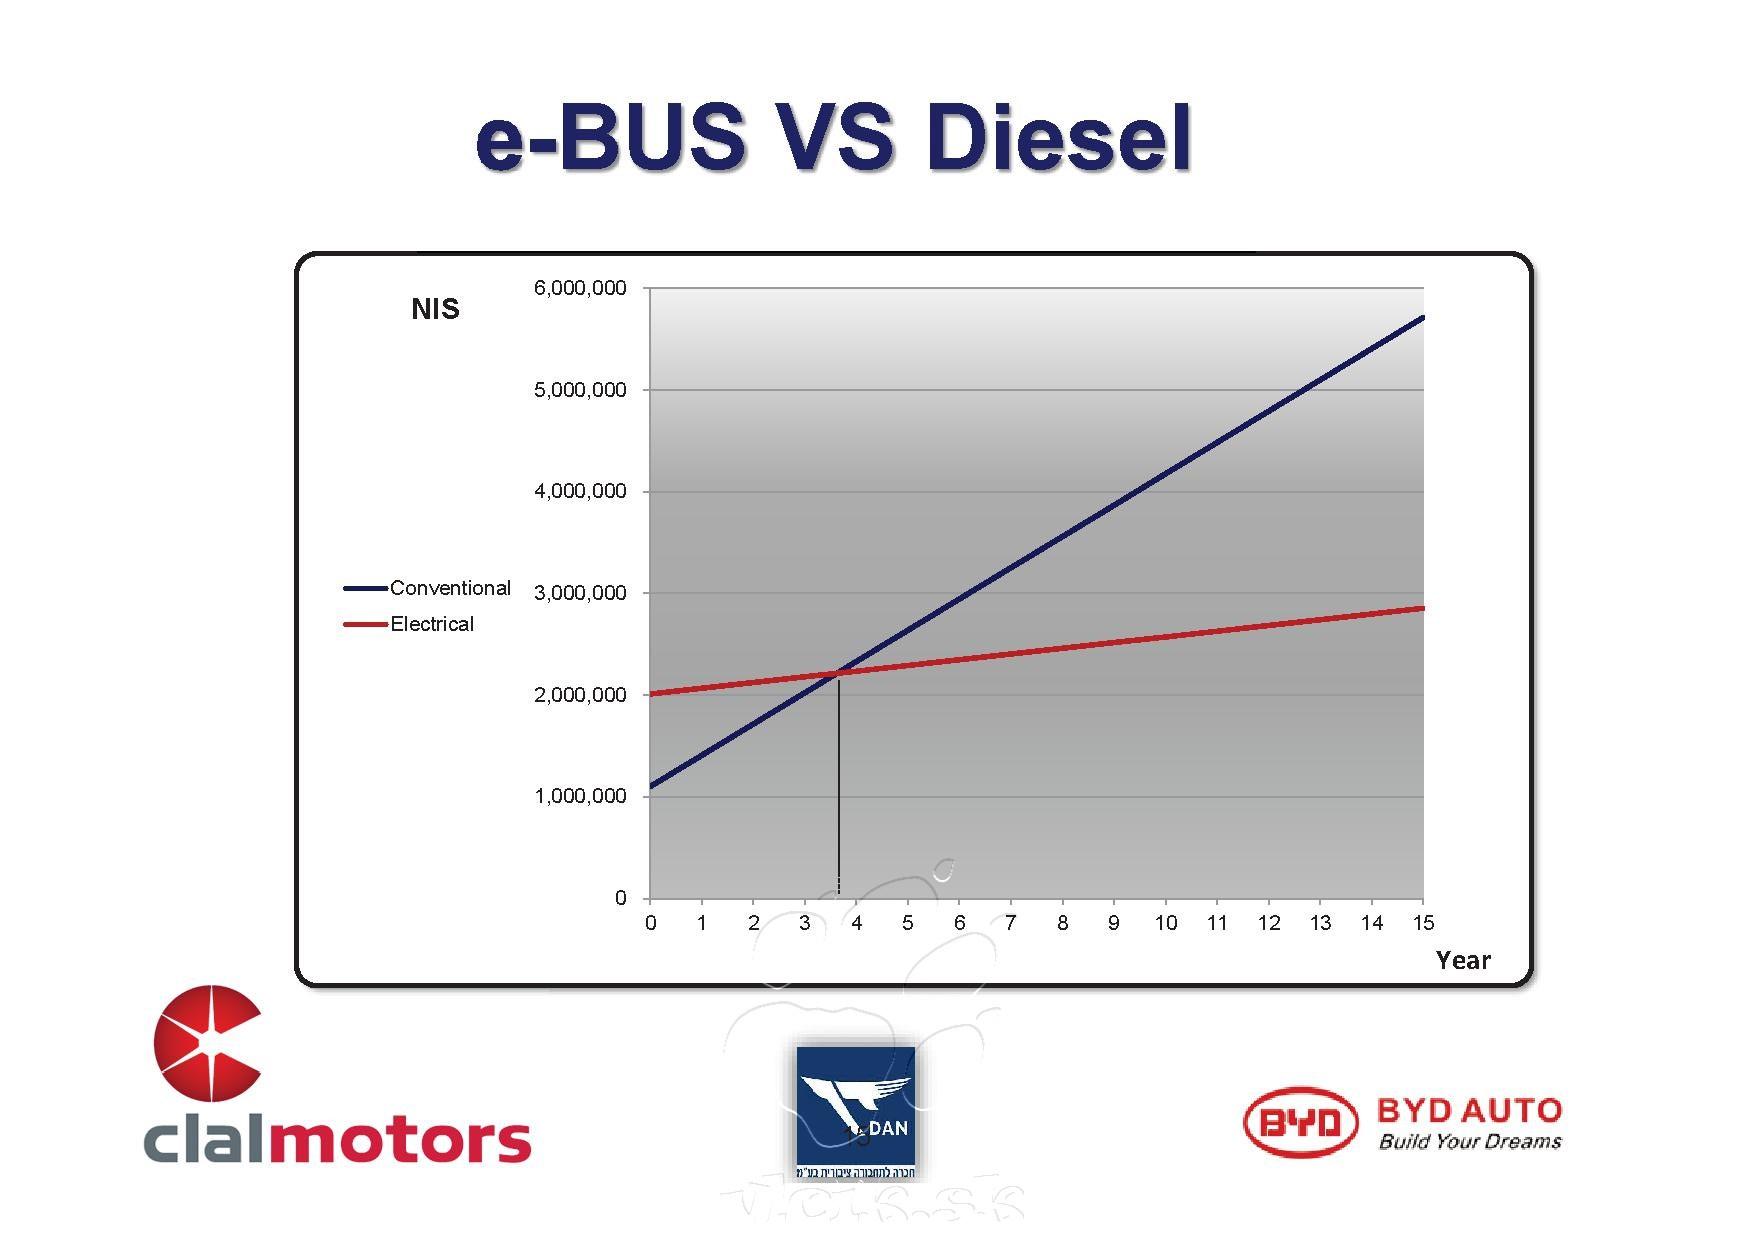 Tel Aviv urobil porovnanie prevádzkových nákladov ebusu